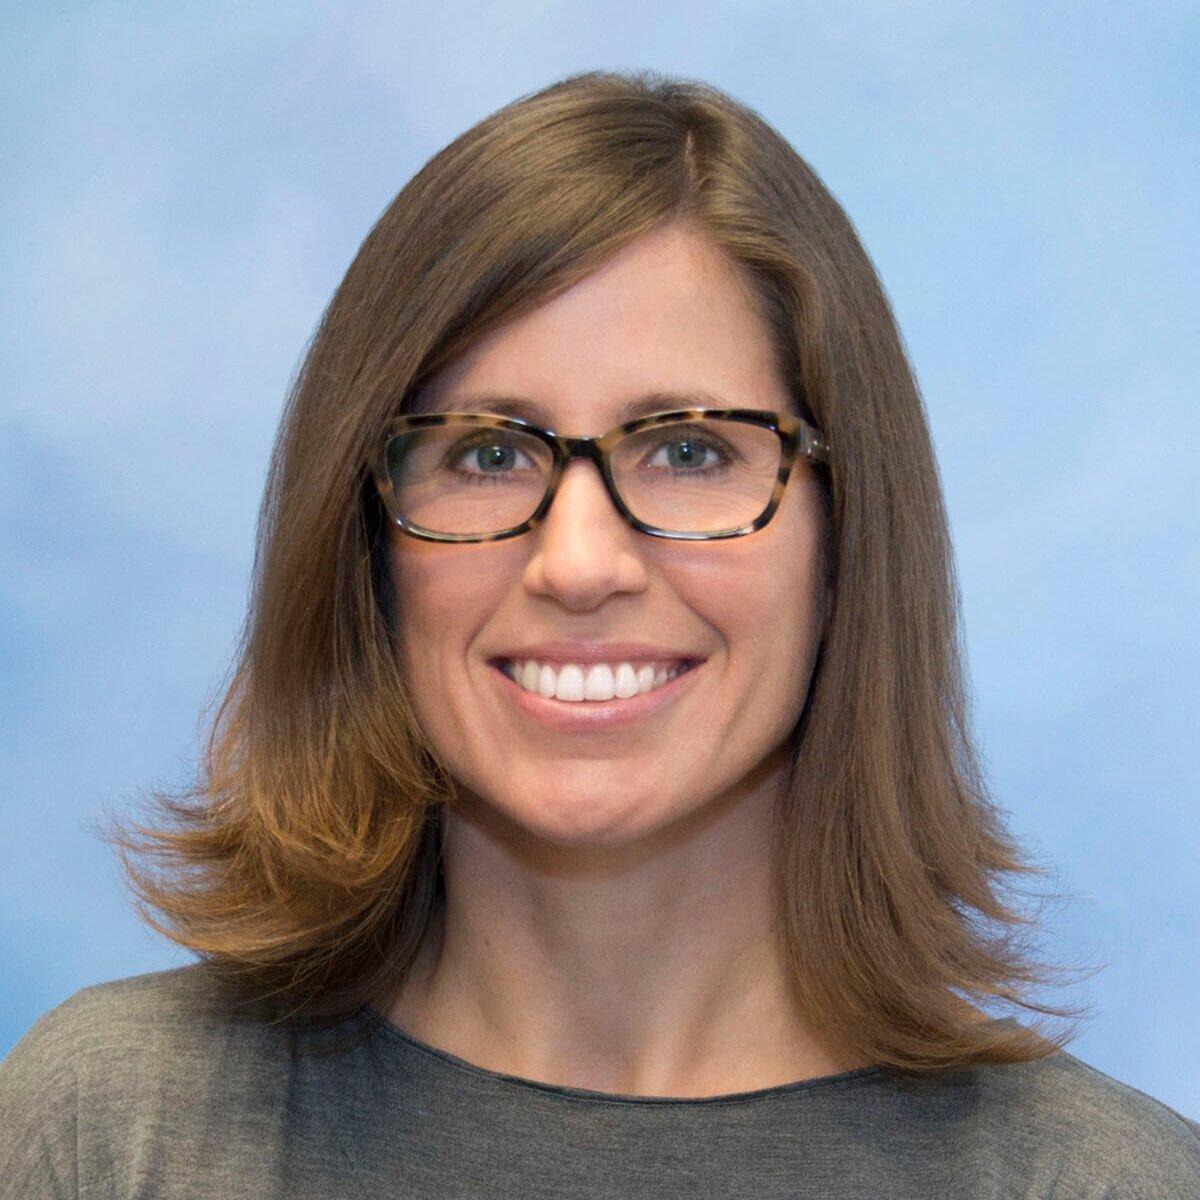 Dr. Jenny Radesky